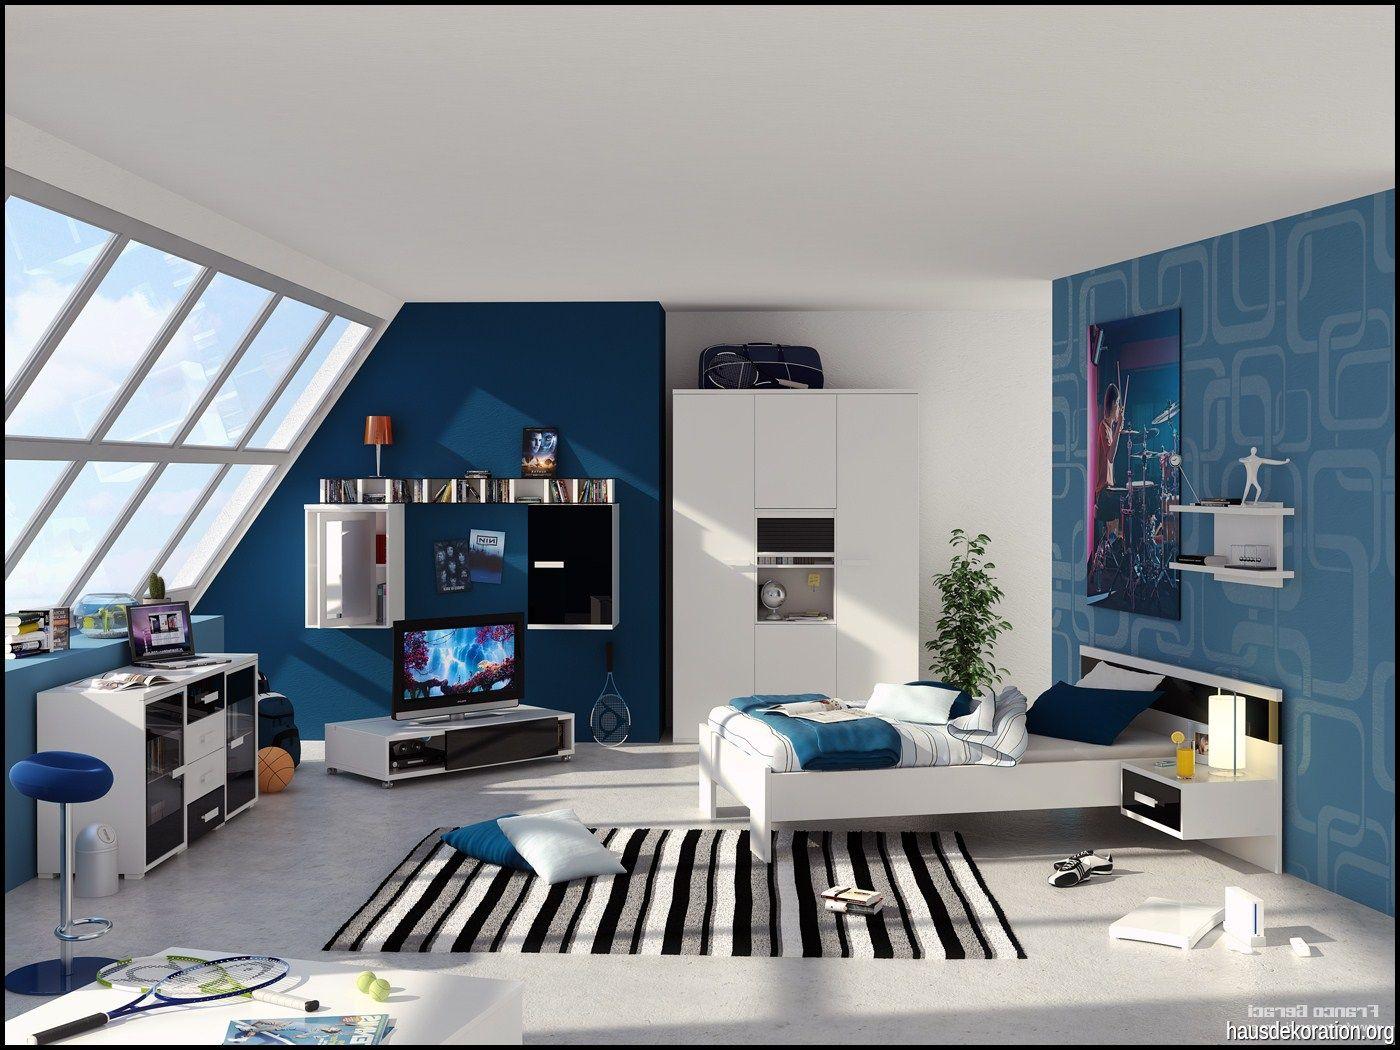 Full Size of Pin Auf Design Boy Room Decor Ideas Stehlampe Schlafzimmer Badezimmer Wandleuchten Komplett Einrichten Betten Für Teenager Vorhänge Joop Waschbecken Wohnzimmer Zimmer Teenager